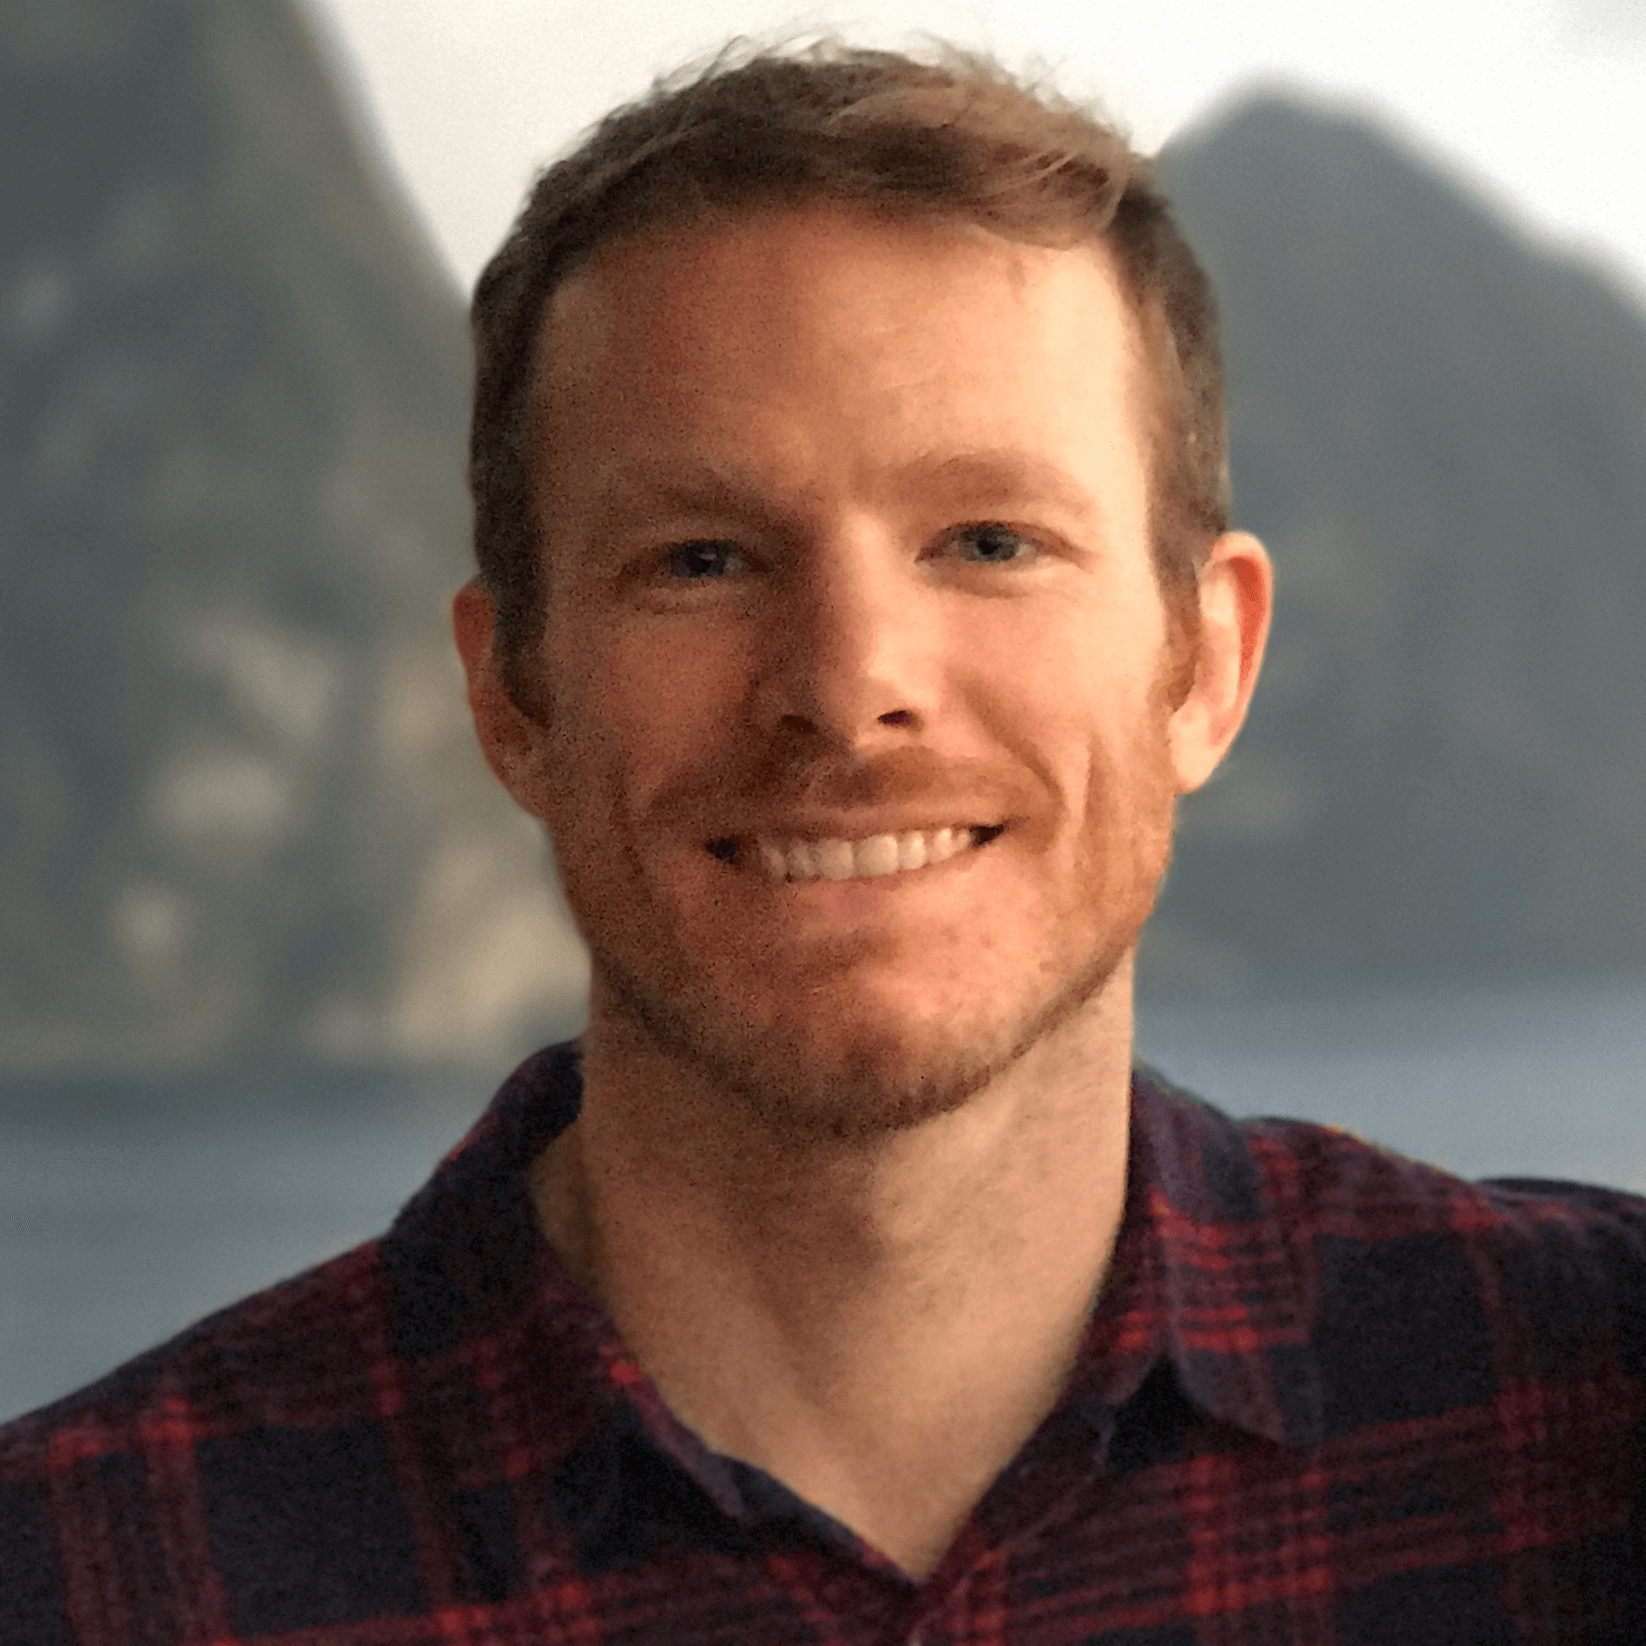 Justin Klemm's Baremetrics review